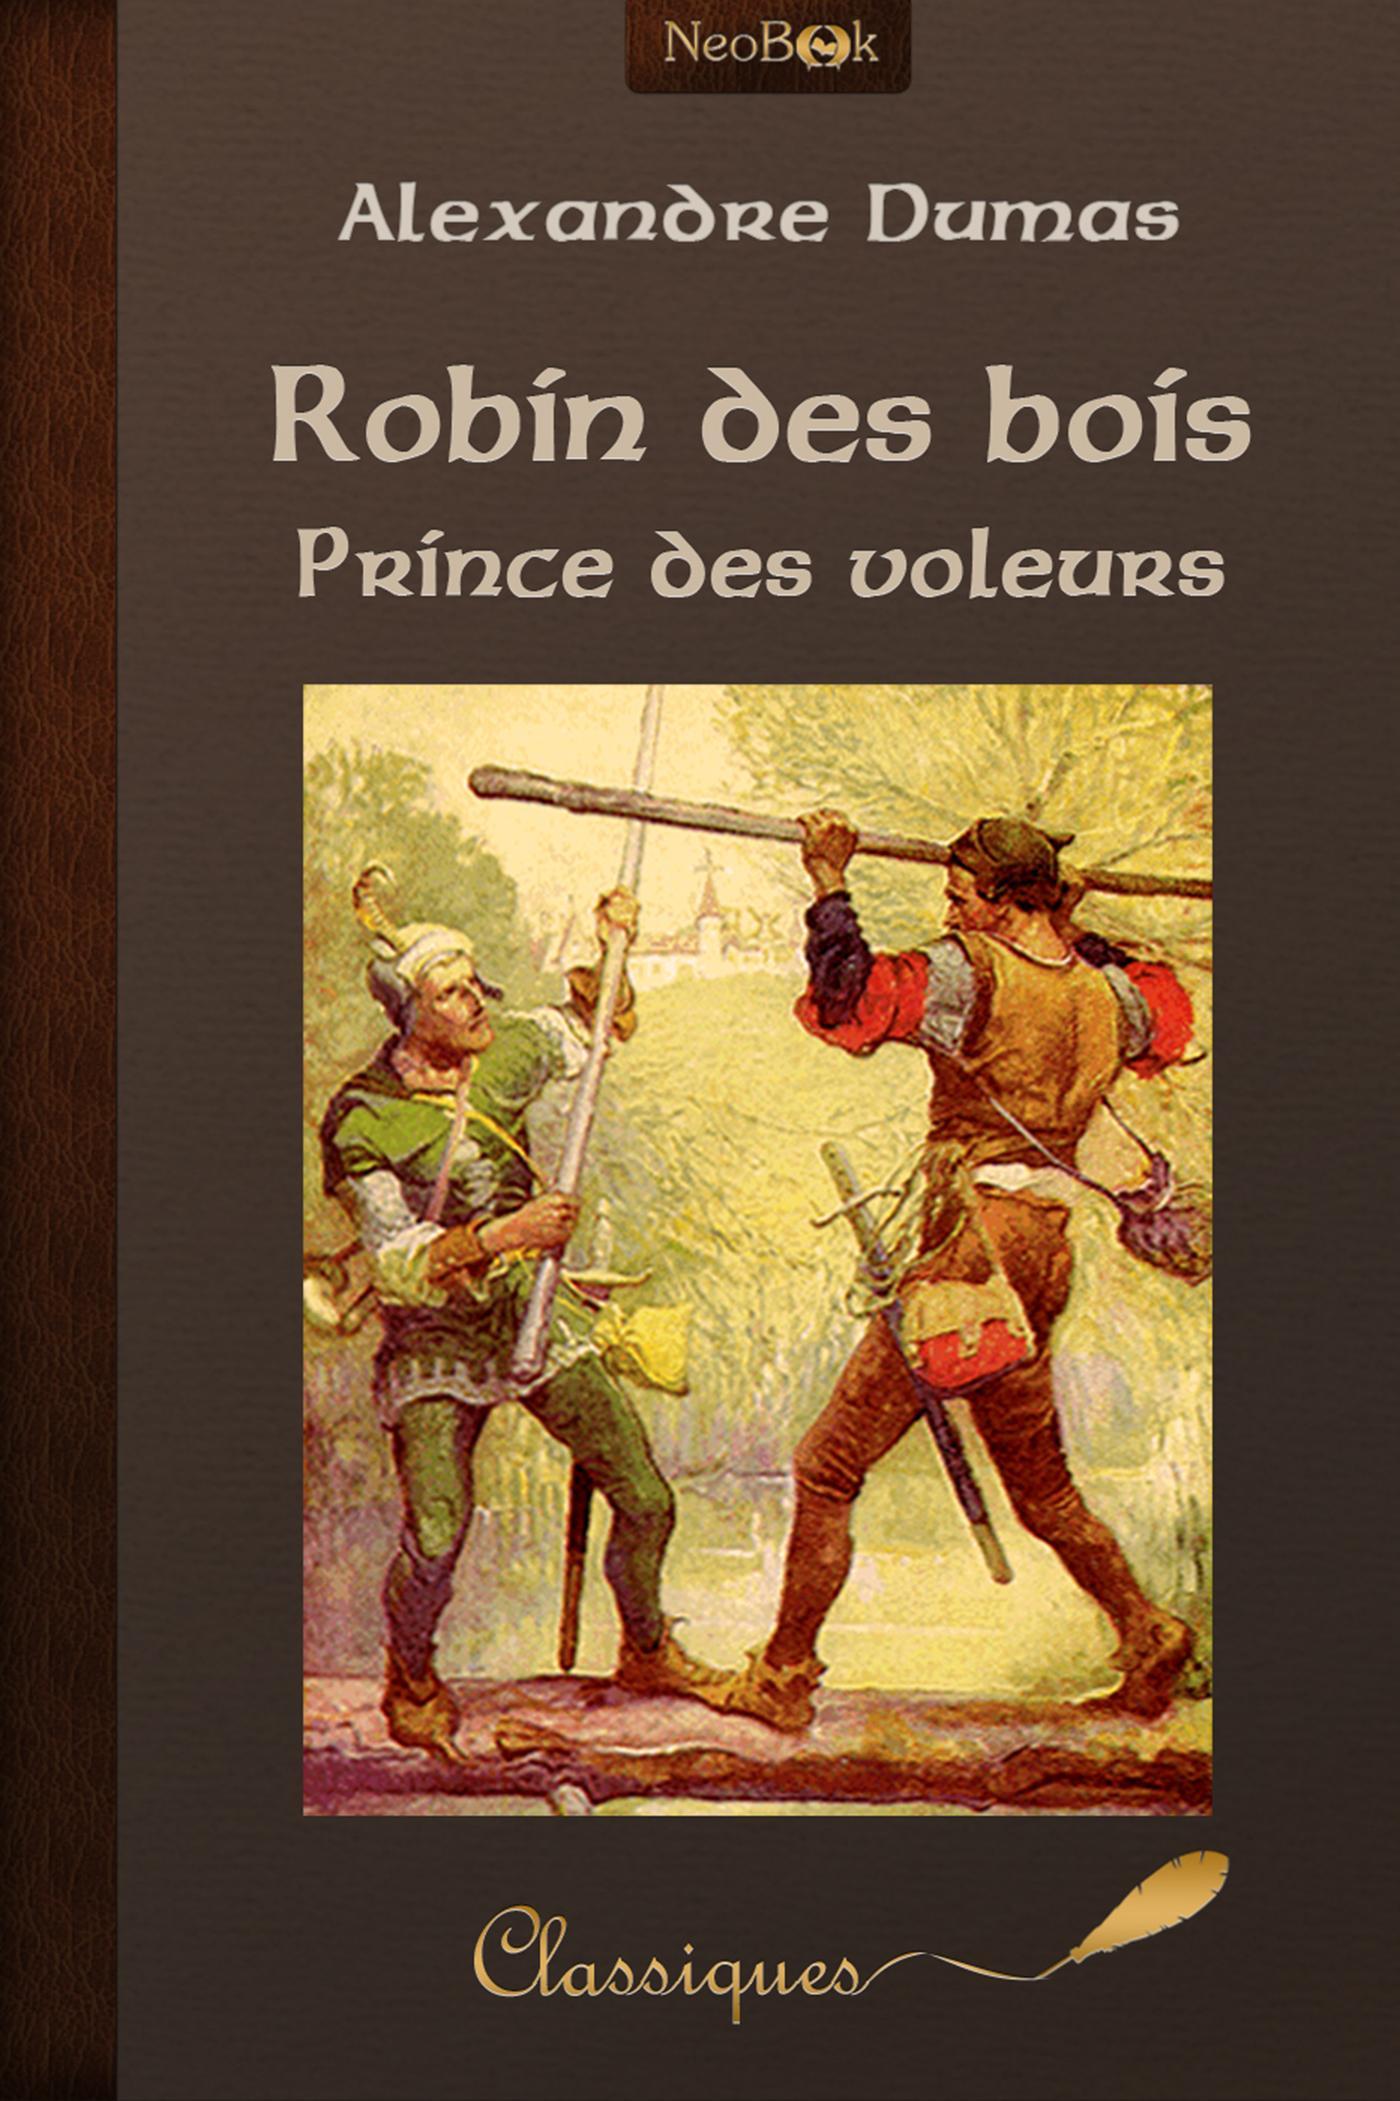 Robin des bois prince des voleurs